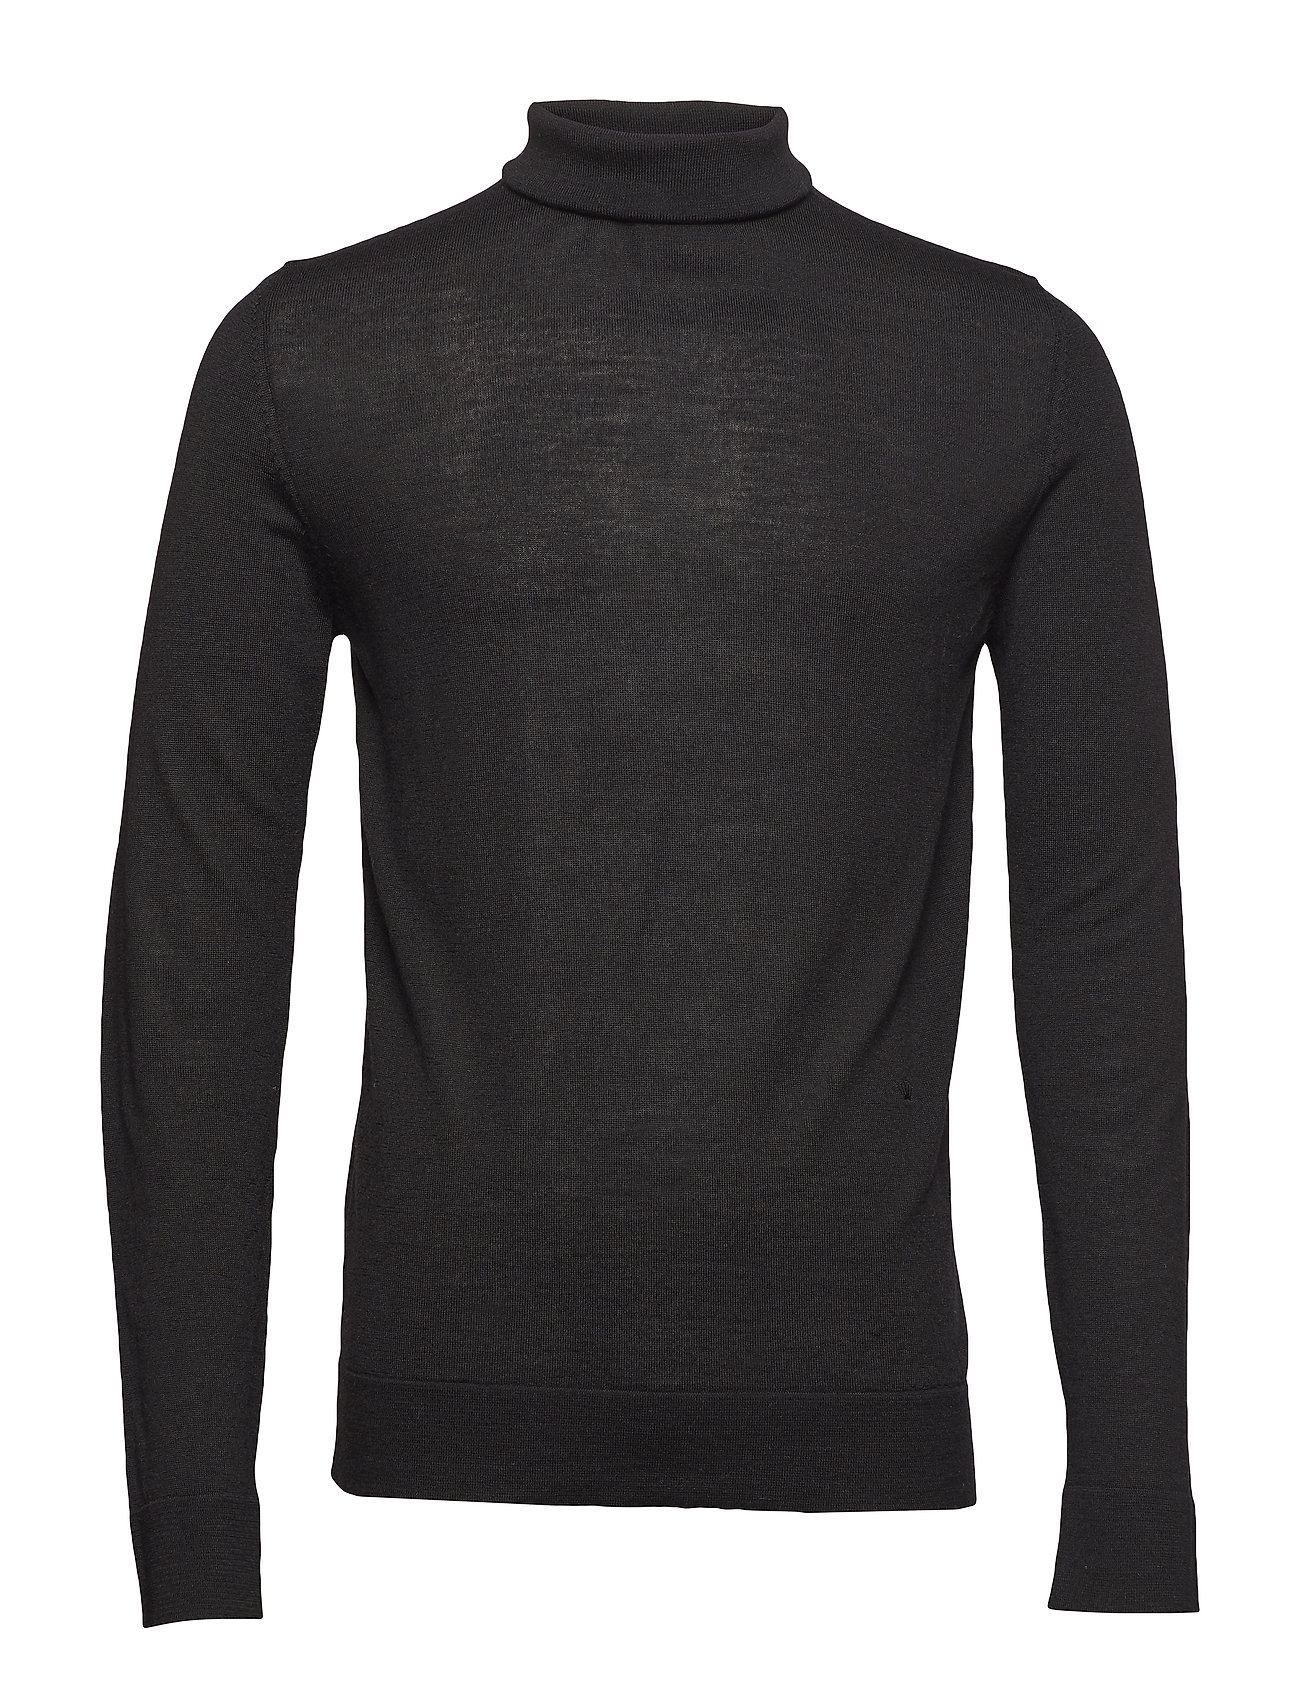 JUNK de LUXE Fine merino wool roll neck kni - BLACK